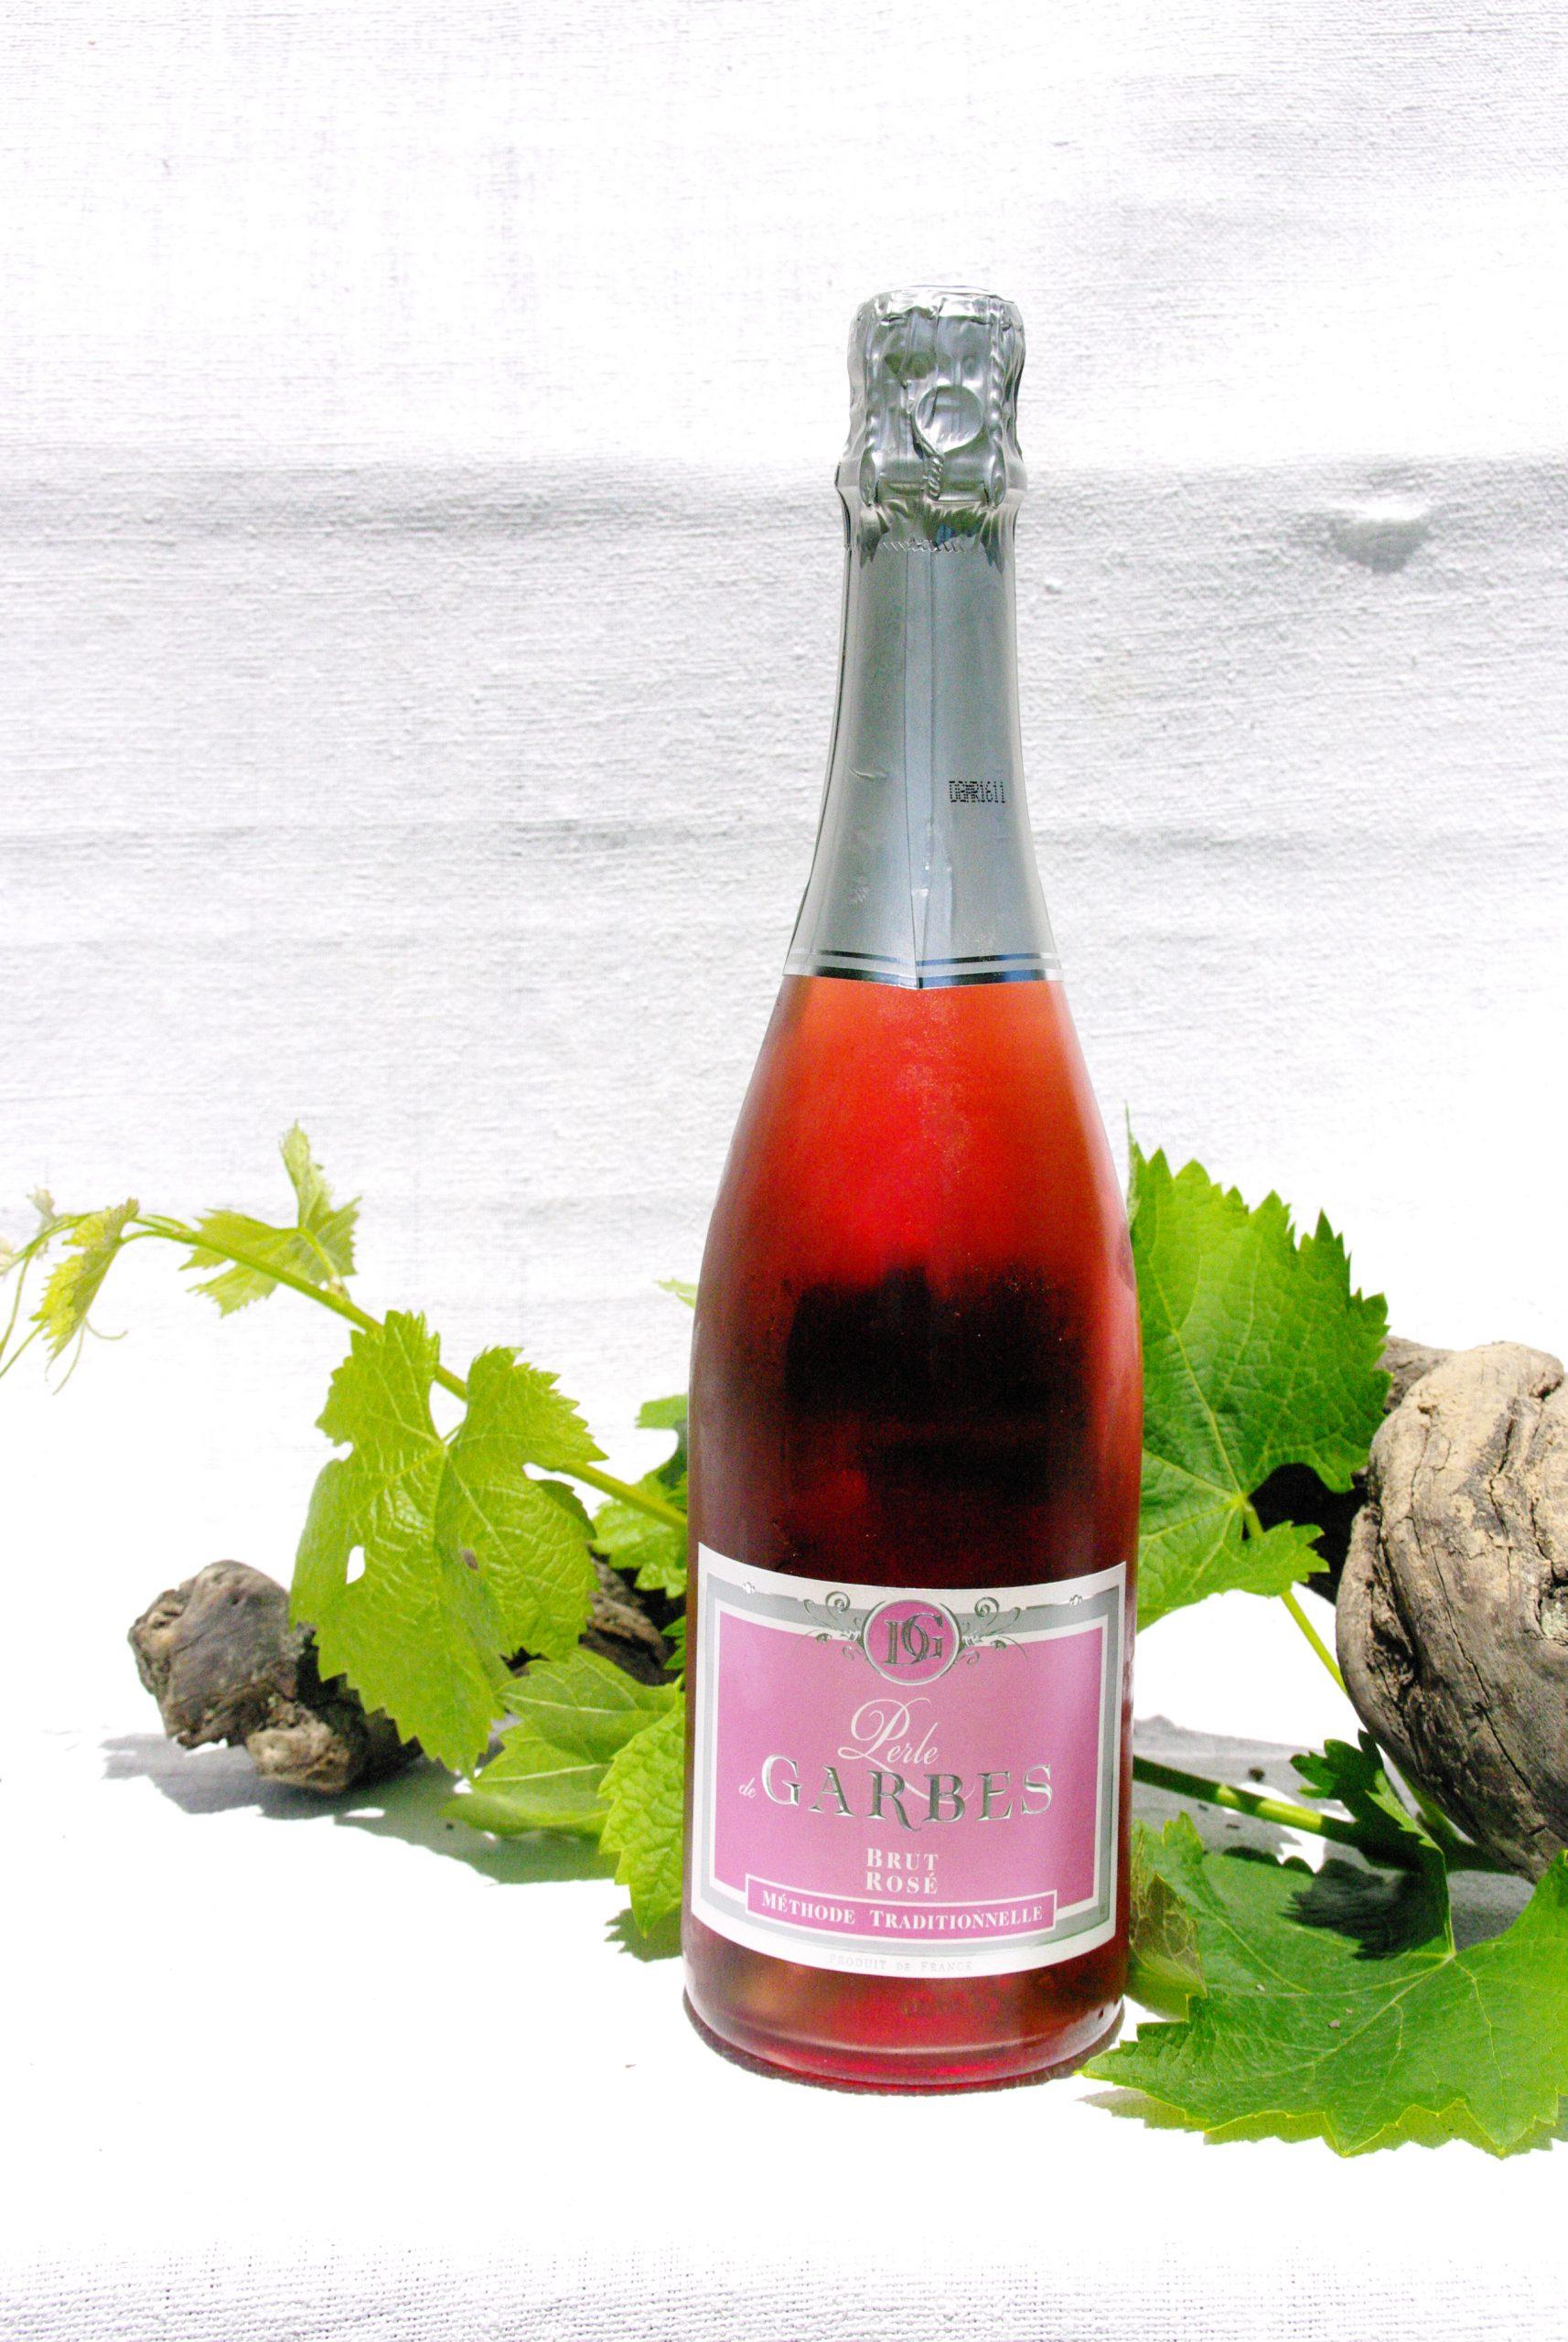 perle de Garbes méthode traditionnelle rosé